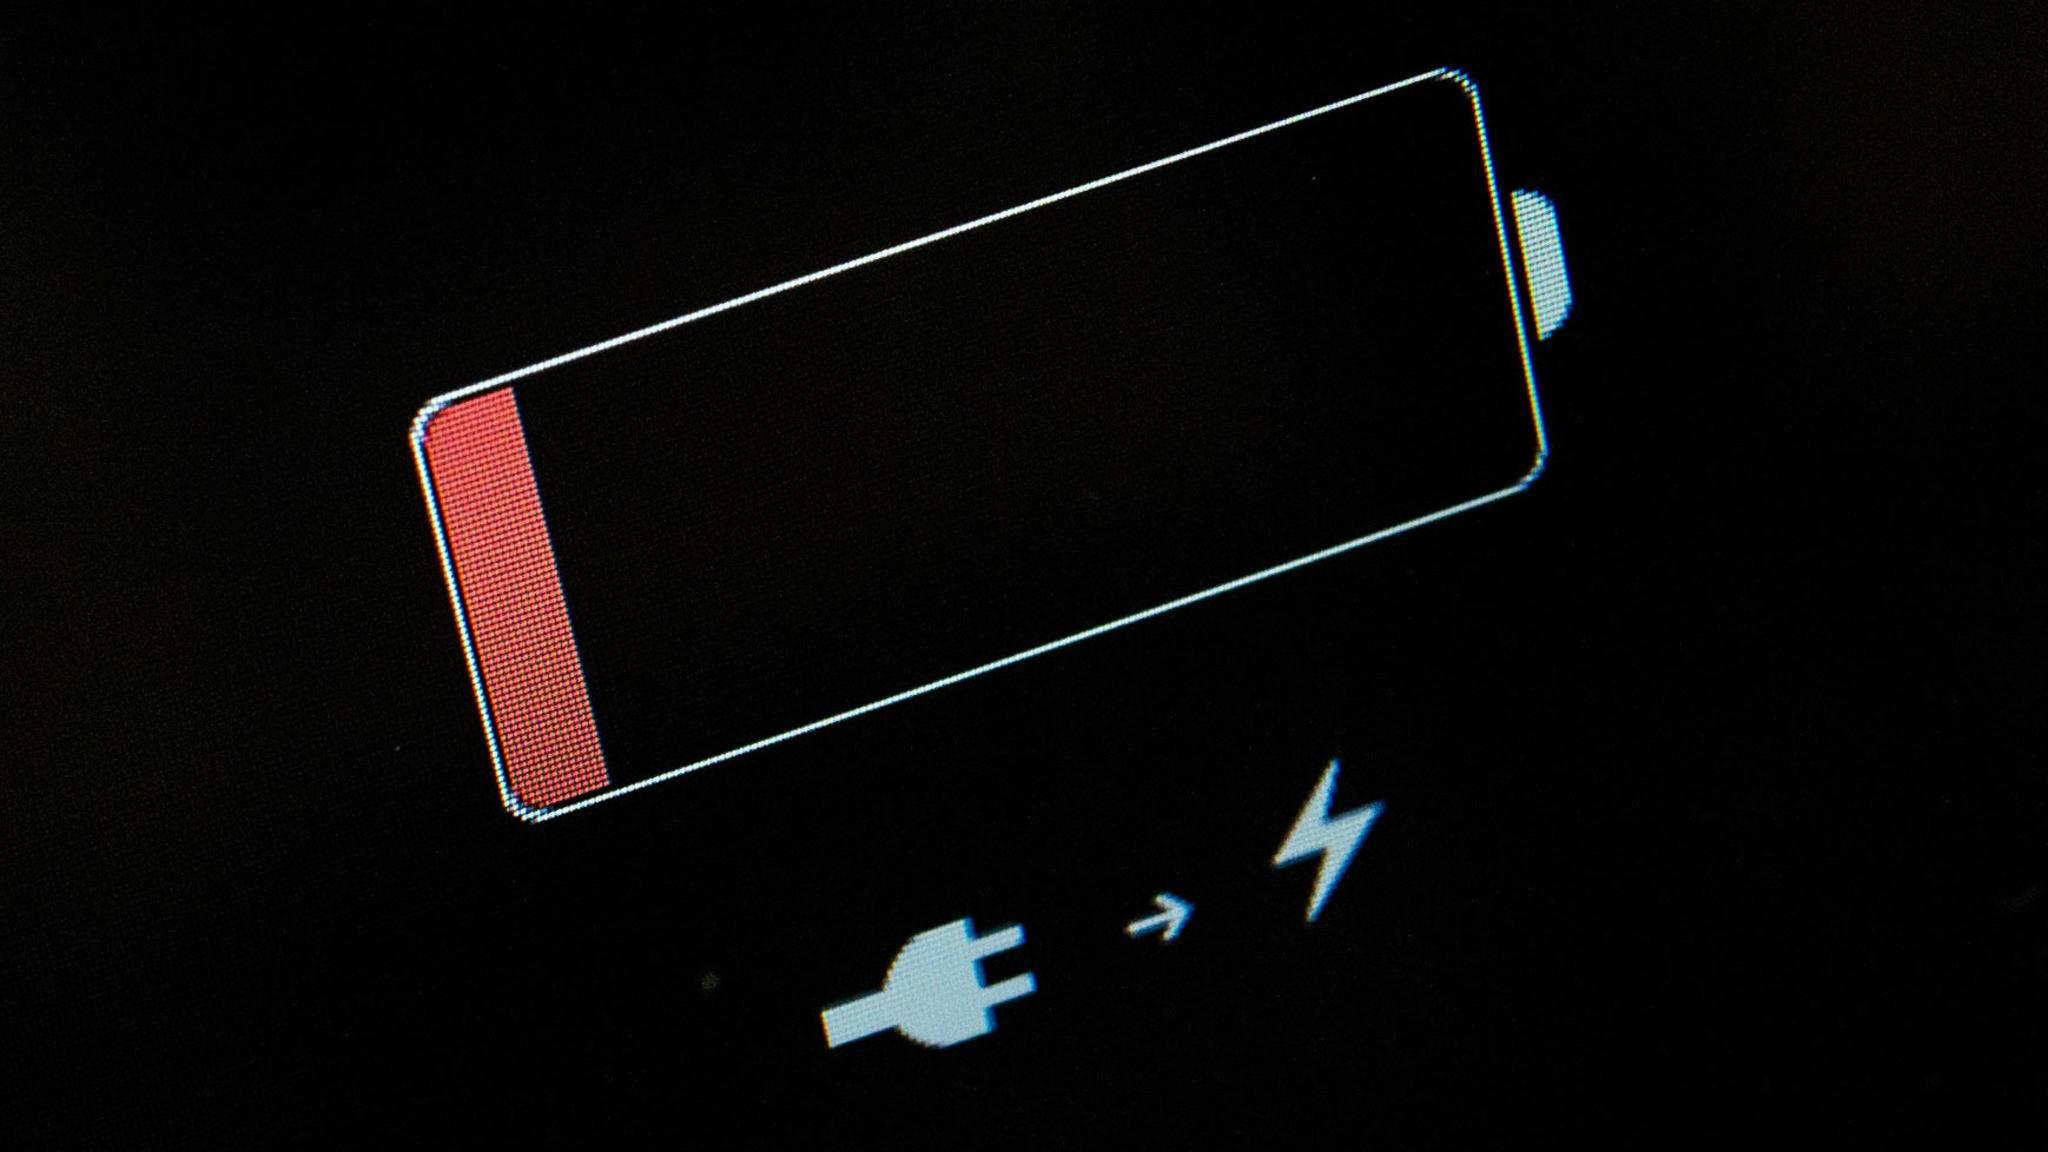 Dein iPhone schaltet sich aus, obwohl noch genügend Saft da sein sollte? Dann solltest Du den Akku neu kalibrieren.